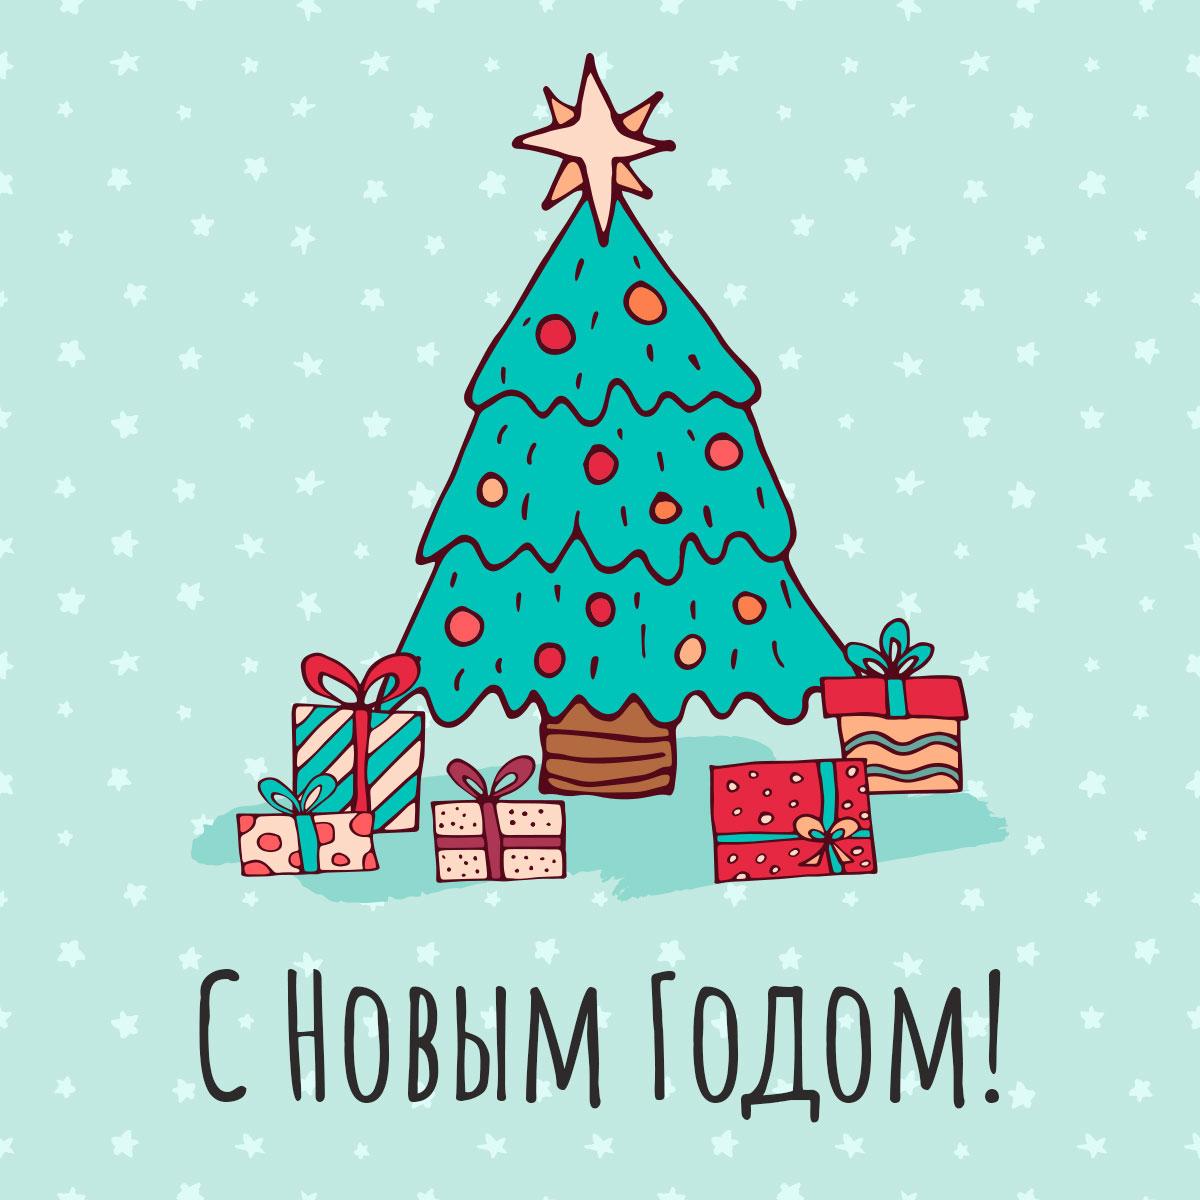 Картинка с текстом - красивая открытка с наступившим новым годом с рождественской ёлкой и подарками.